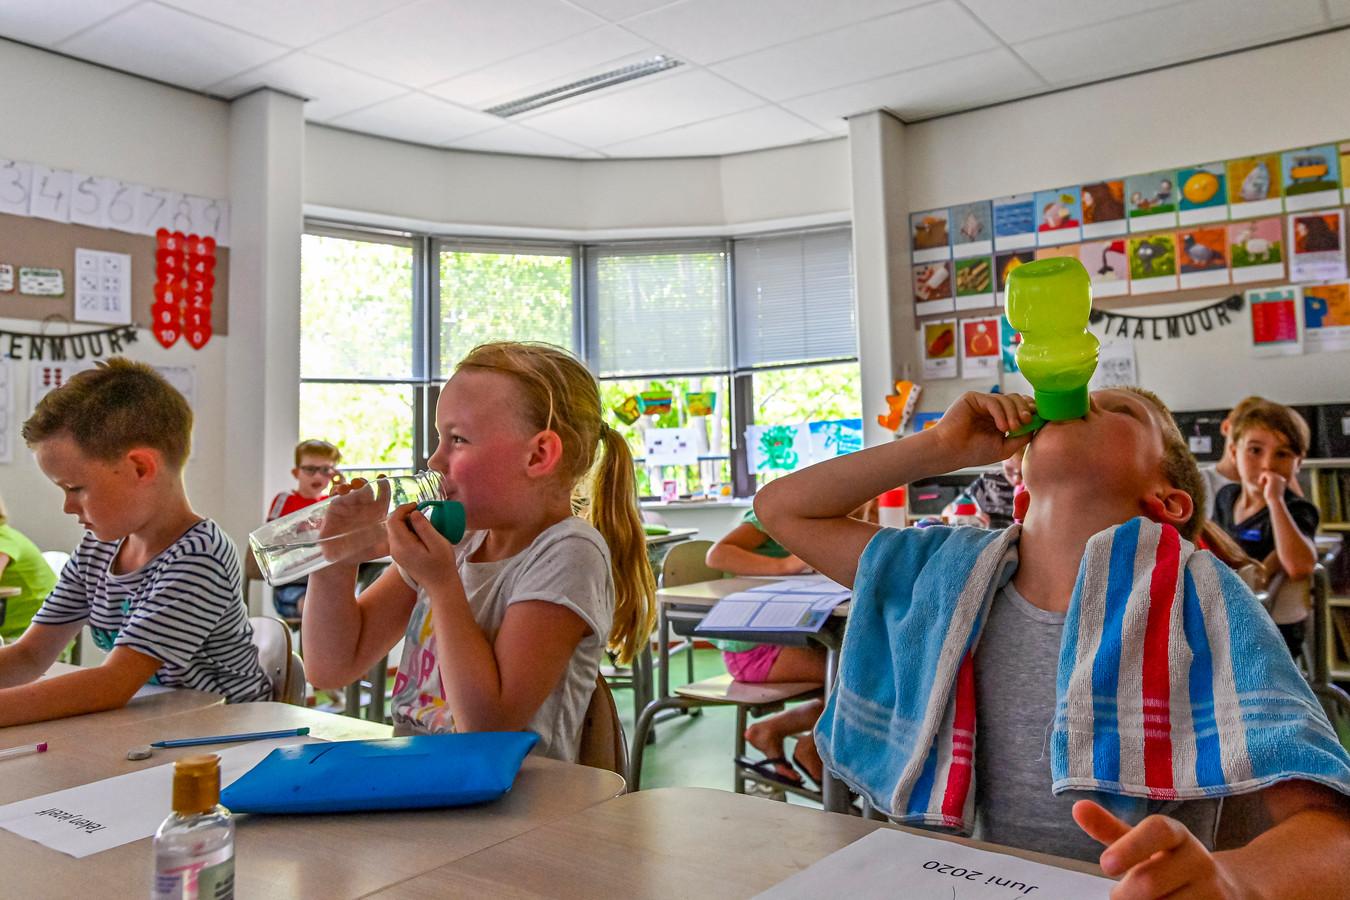 SB: 27-06-2020 Online geplaatst en betaald BN DeStem 26-06-2020 - Etten Leur - Foto: Pix4Profs/Peter Braakmann - Leerlingen en docenten op basisschool De Hofstee zuchten onder de enorme hitte, omdat de klimaatinstallatie het al jaren niet doet.